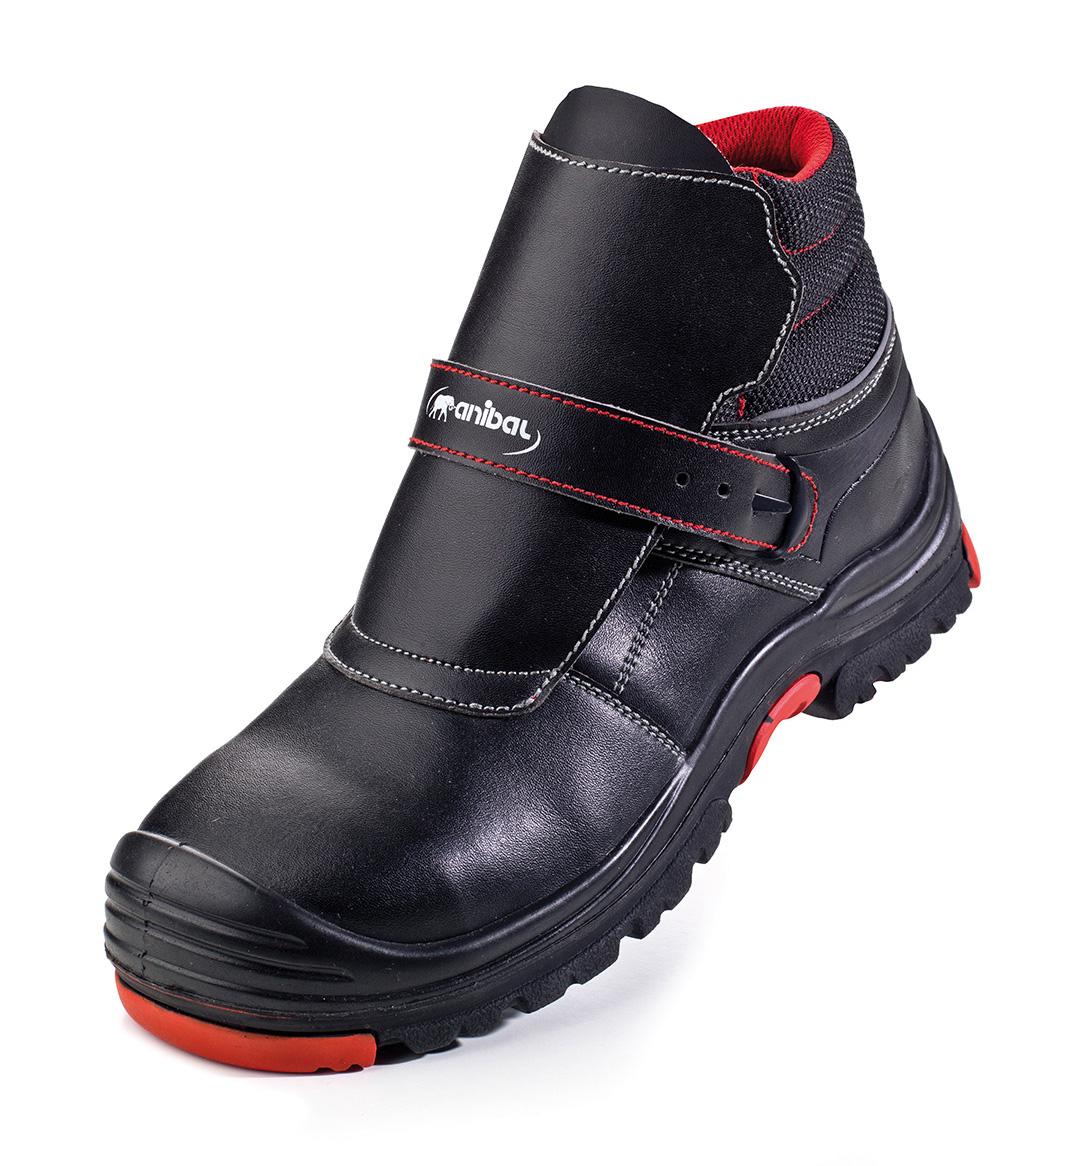 32a0a10ad27 | Productos | Calzado de Seguridad | S3 PU/Goma | Ref. 1688-BSOGNR | Marca  Protección Laboral